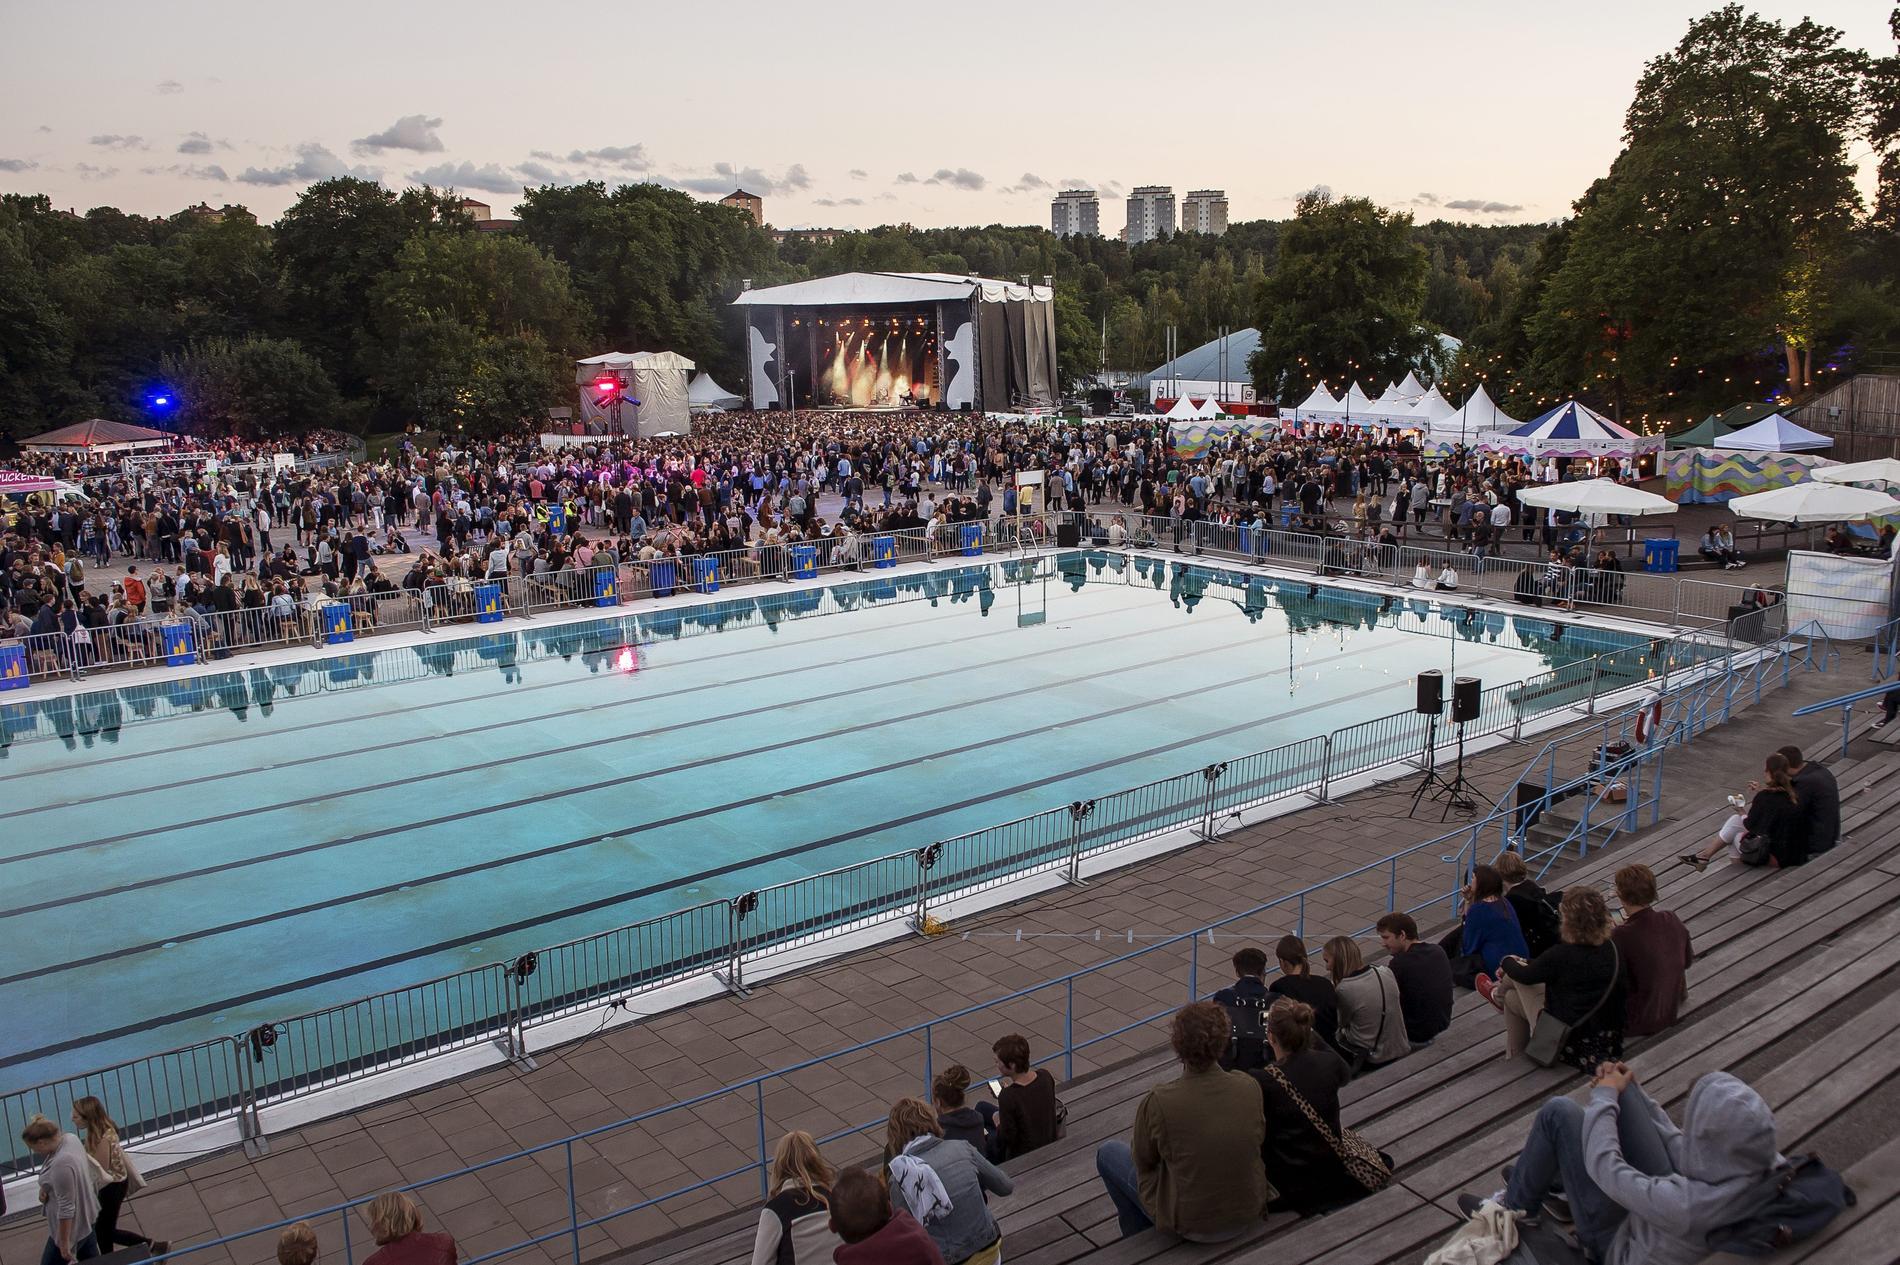 Bland annat festivalen Popaganda har arrangerats på Eriksdalsbadet.